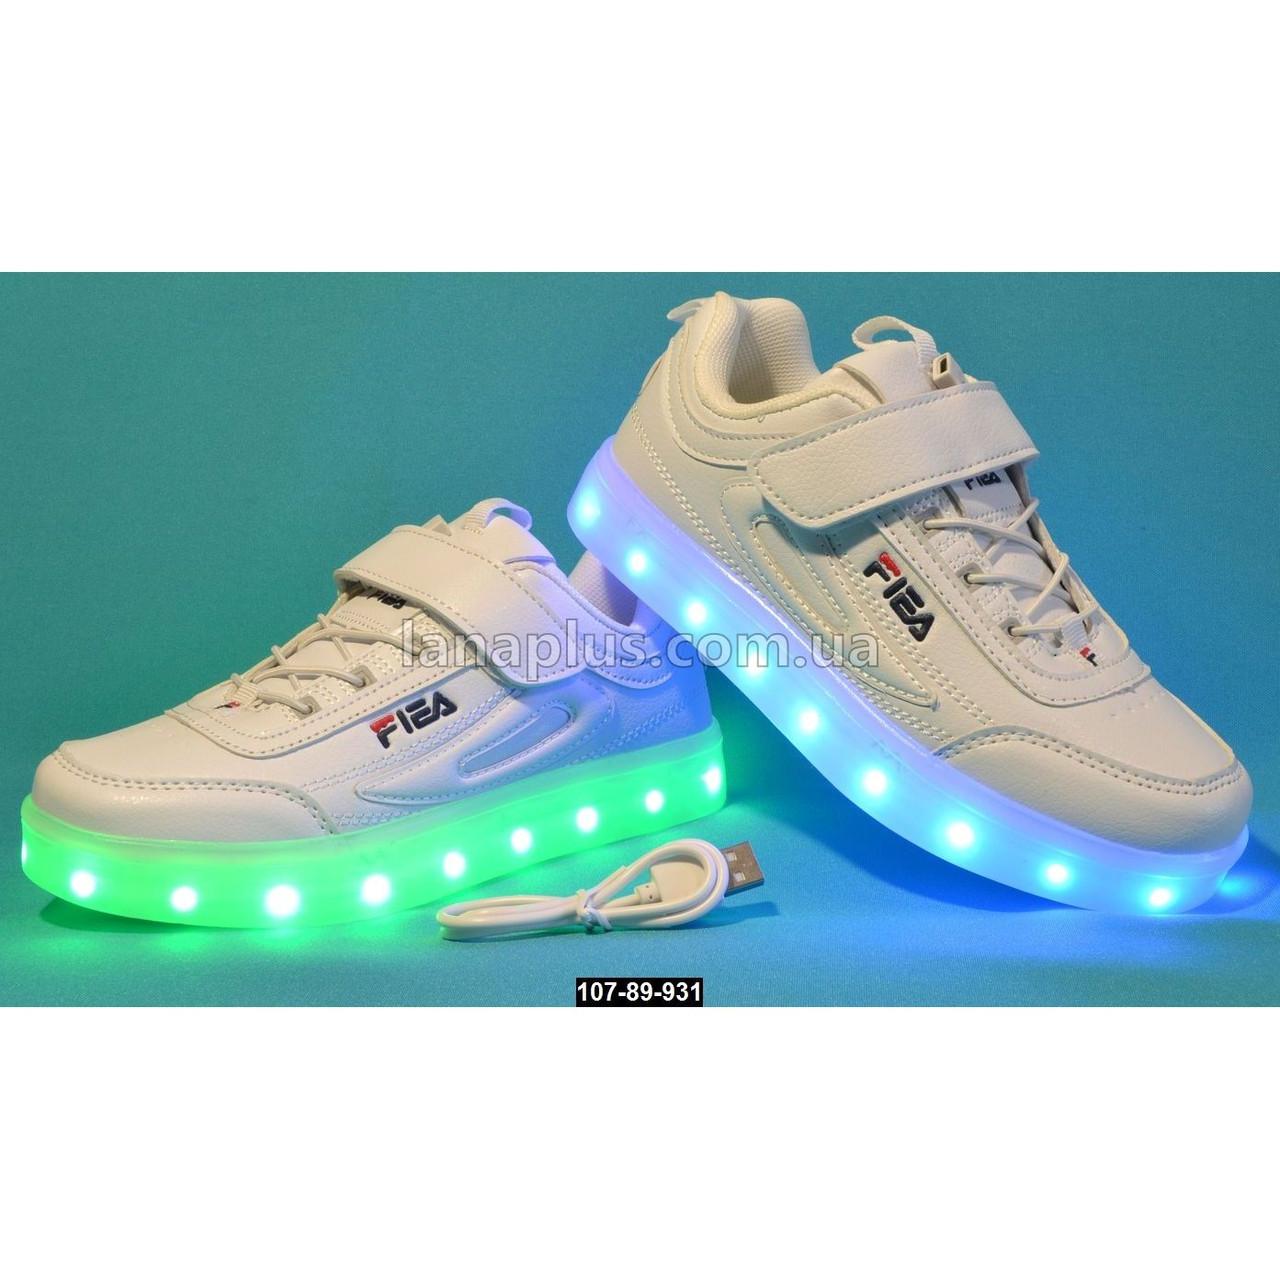 Детские светящиеся кроссовки, USB, 26-36 размер, 11 режимов LED подсветки, супинатор